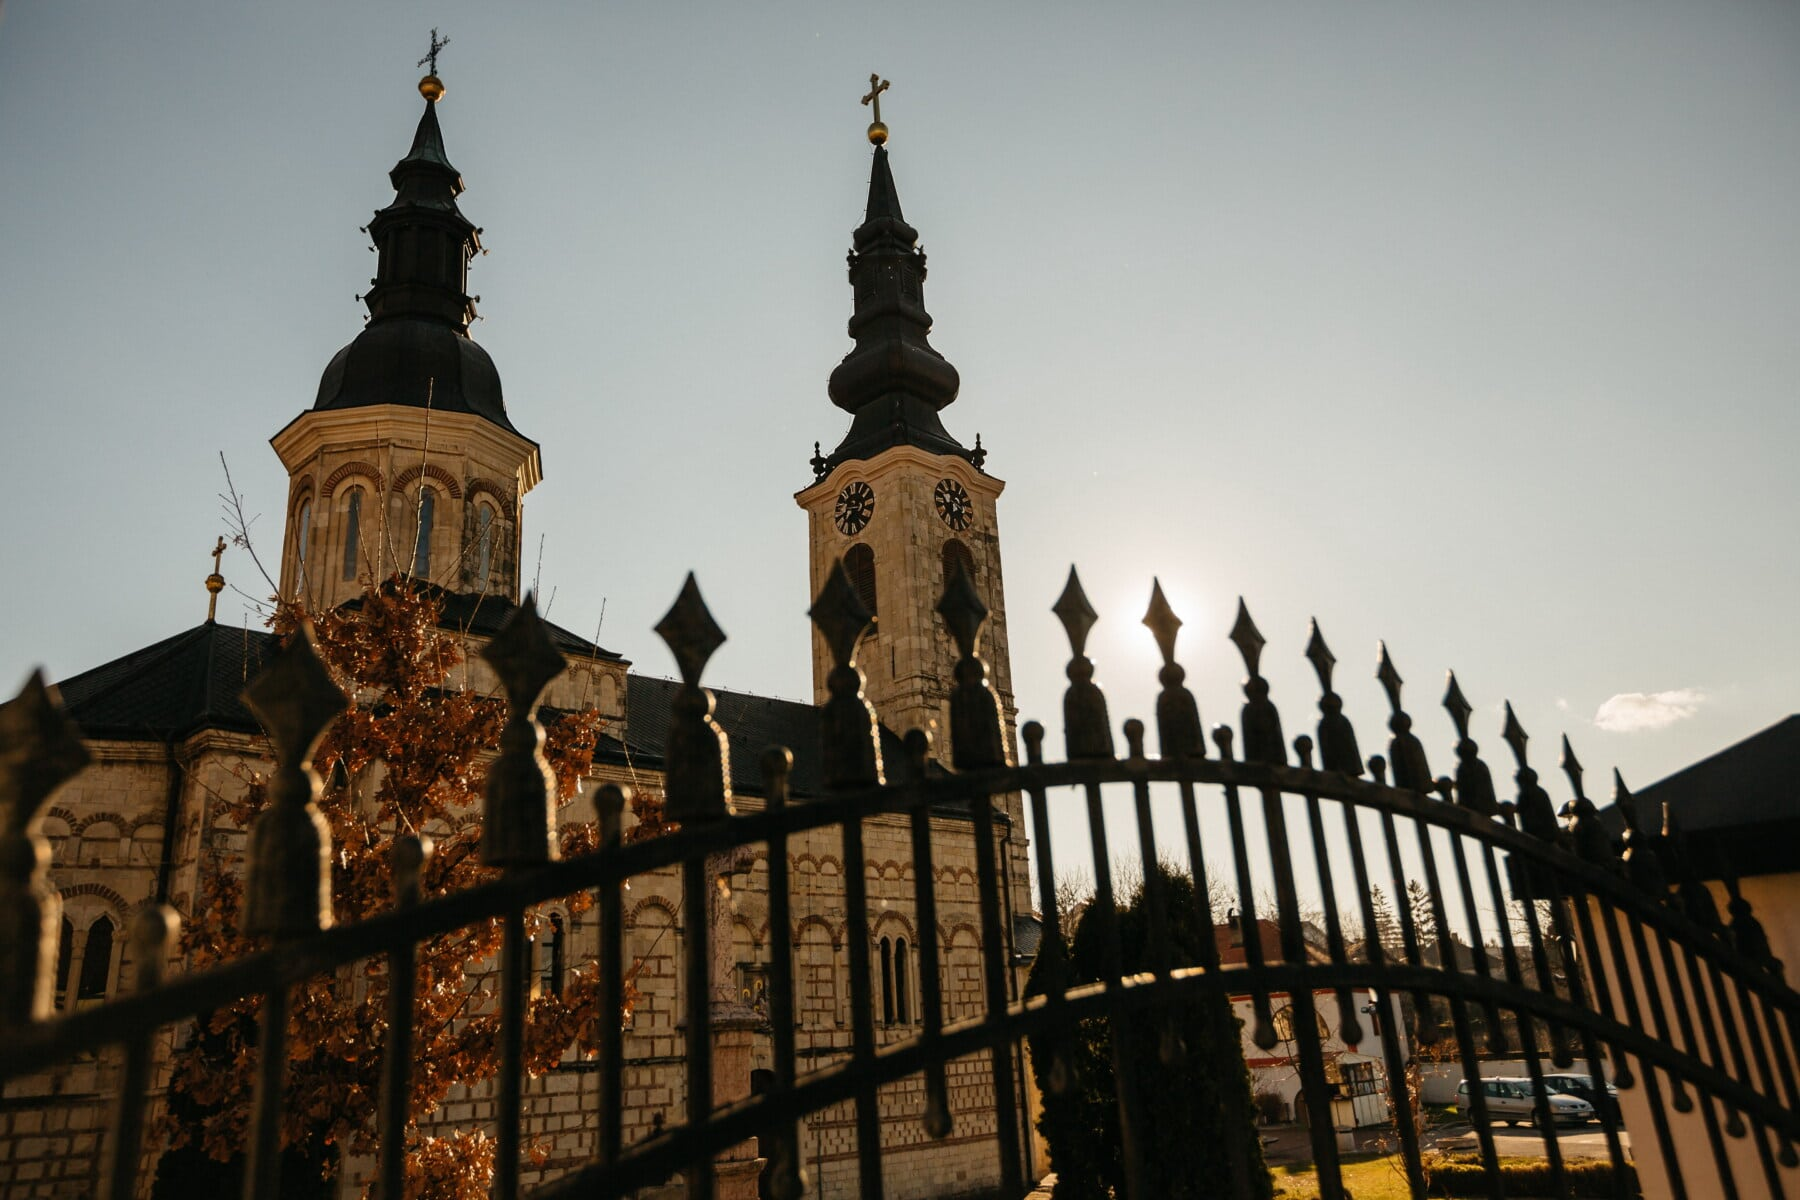 crkveni toranj, lijevano željezo, ograda, vrata, pristupnik, crkva, dvorište, arhitektura, religija, palača